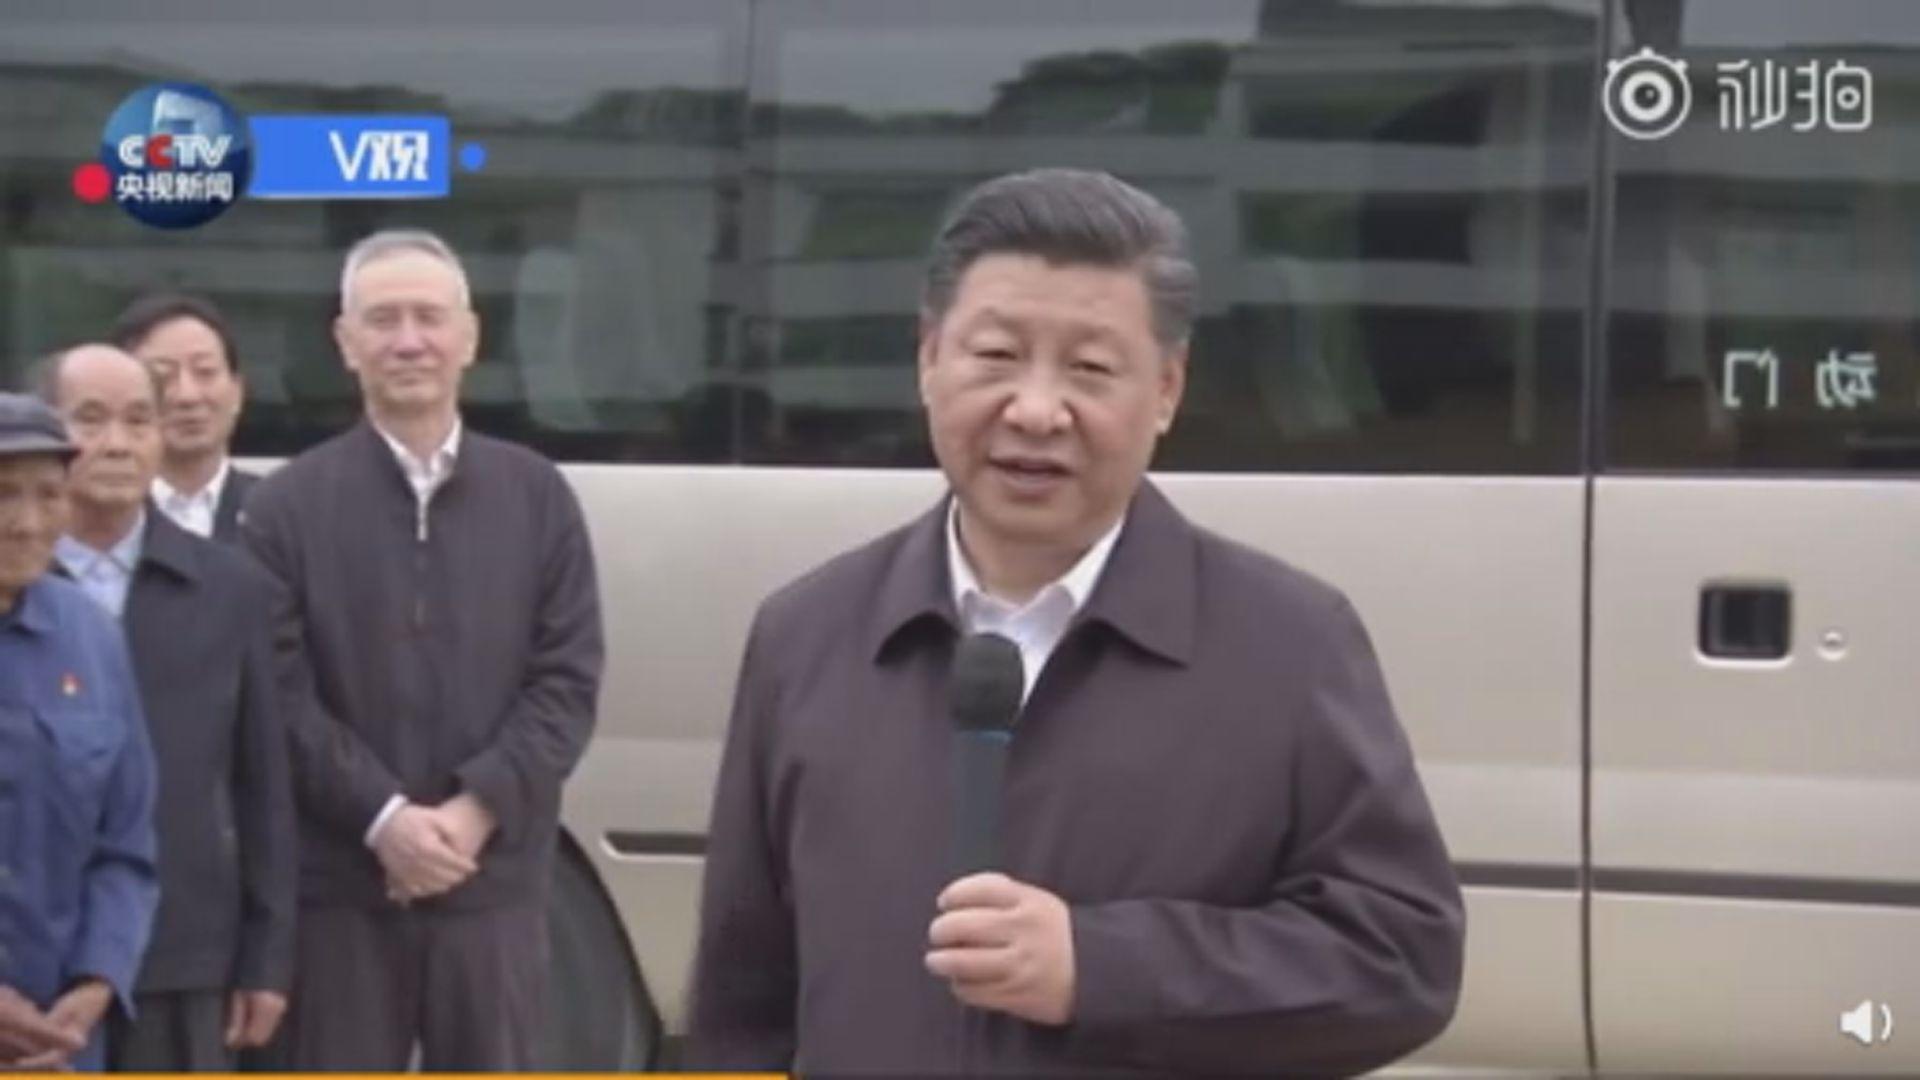 【繼續南巡】傳習近平將到訪深圳前海